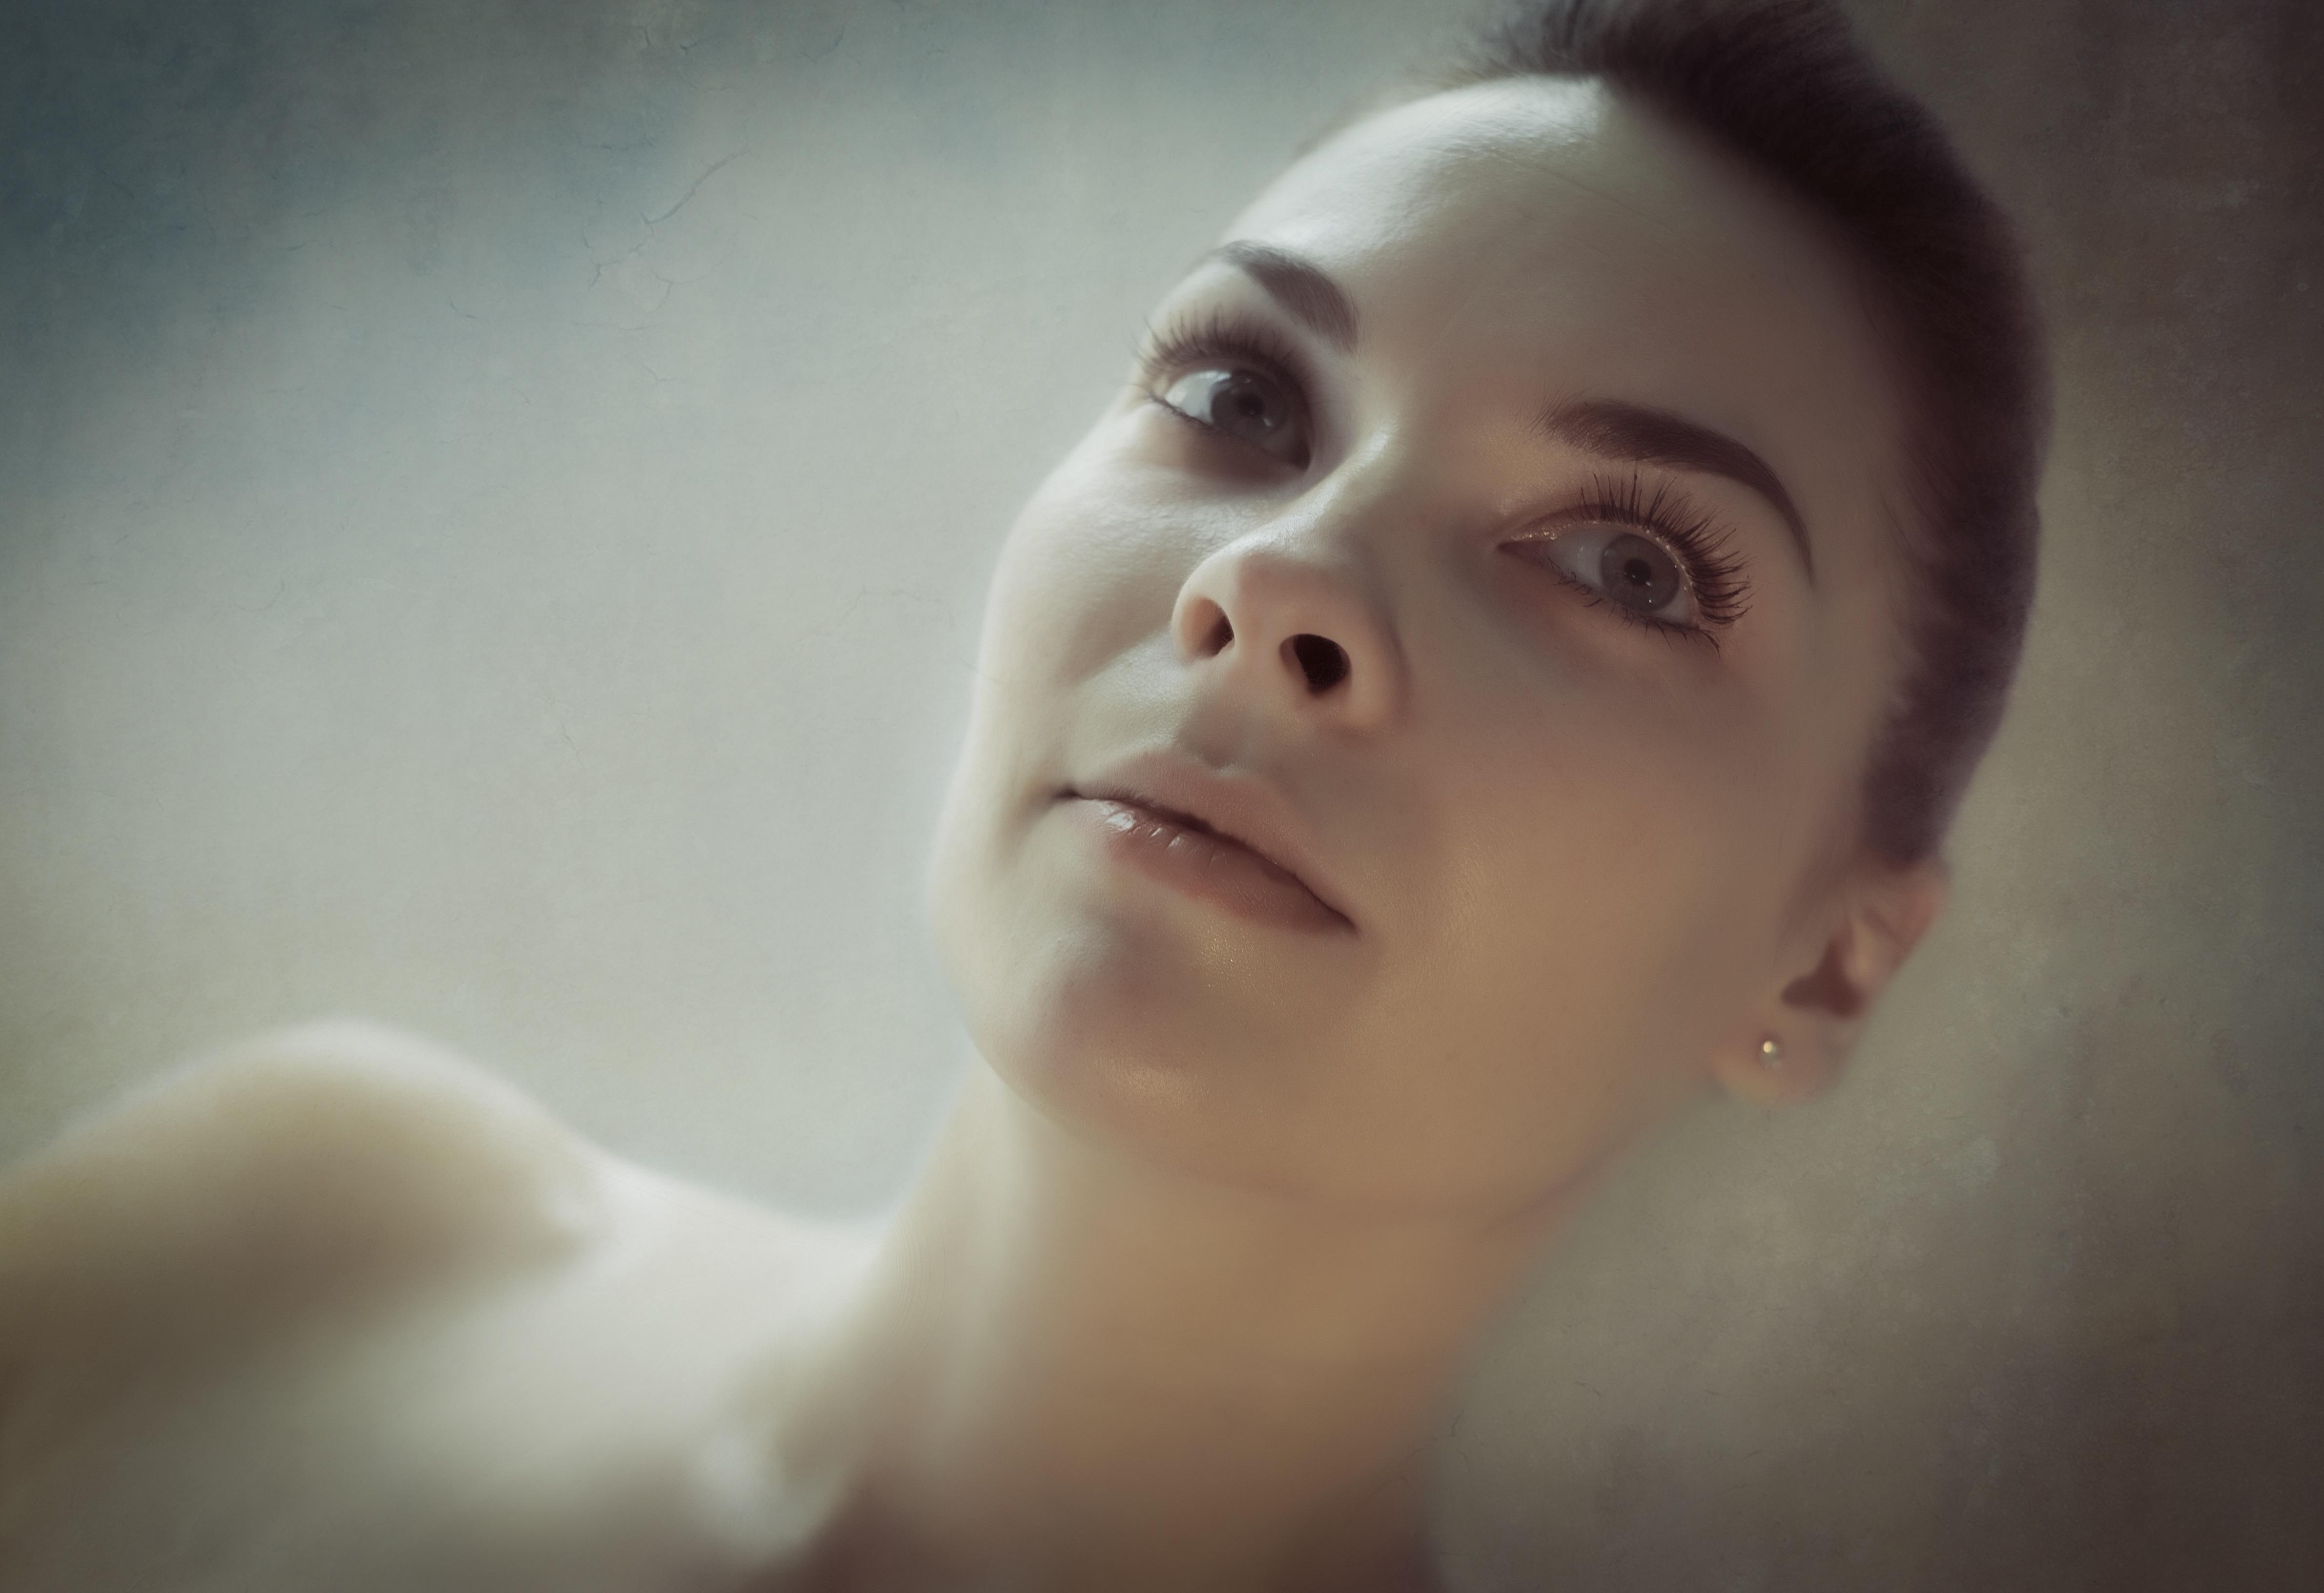 Beautiful Lady, Activity, Closeup, Fashion, Human, HQ Photo